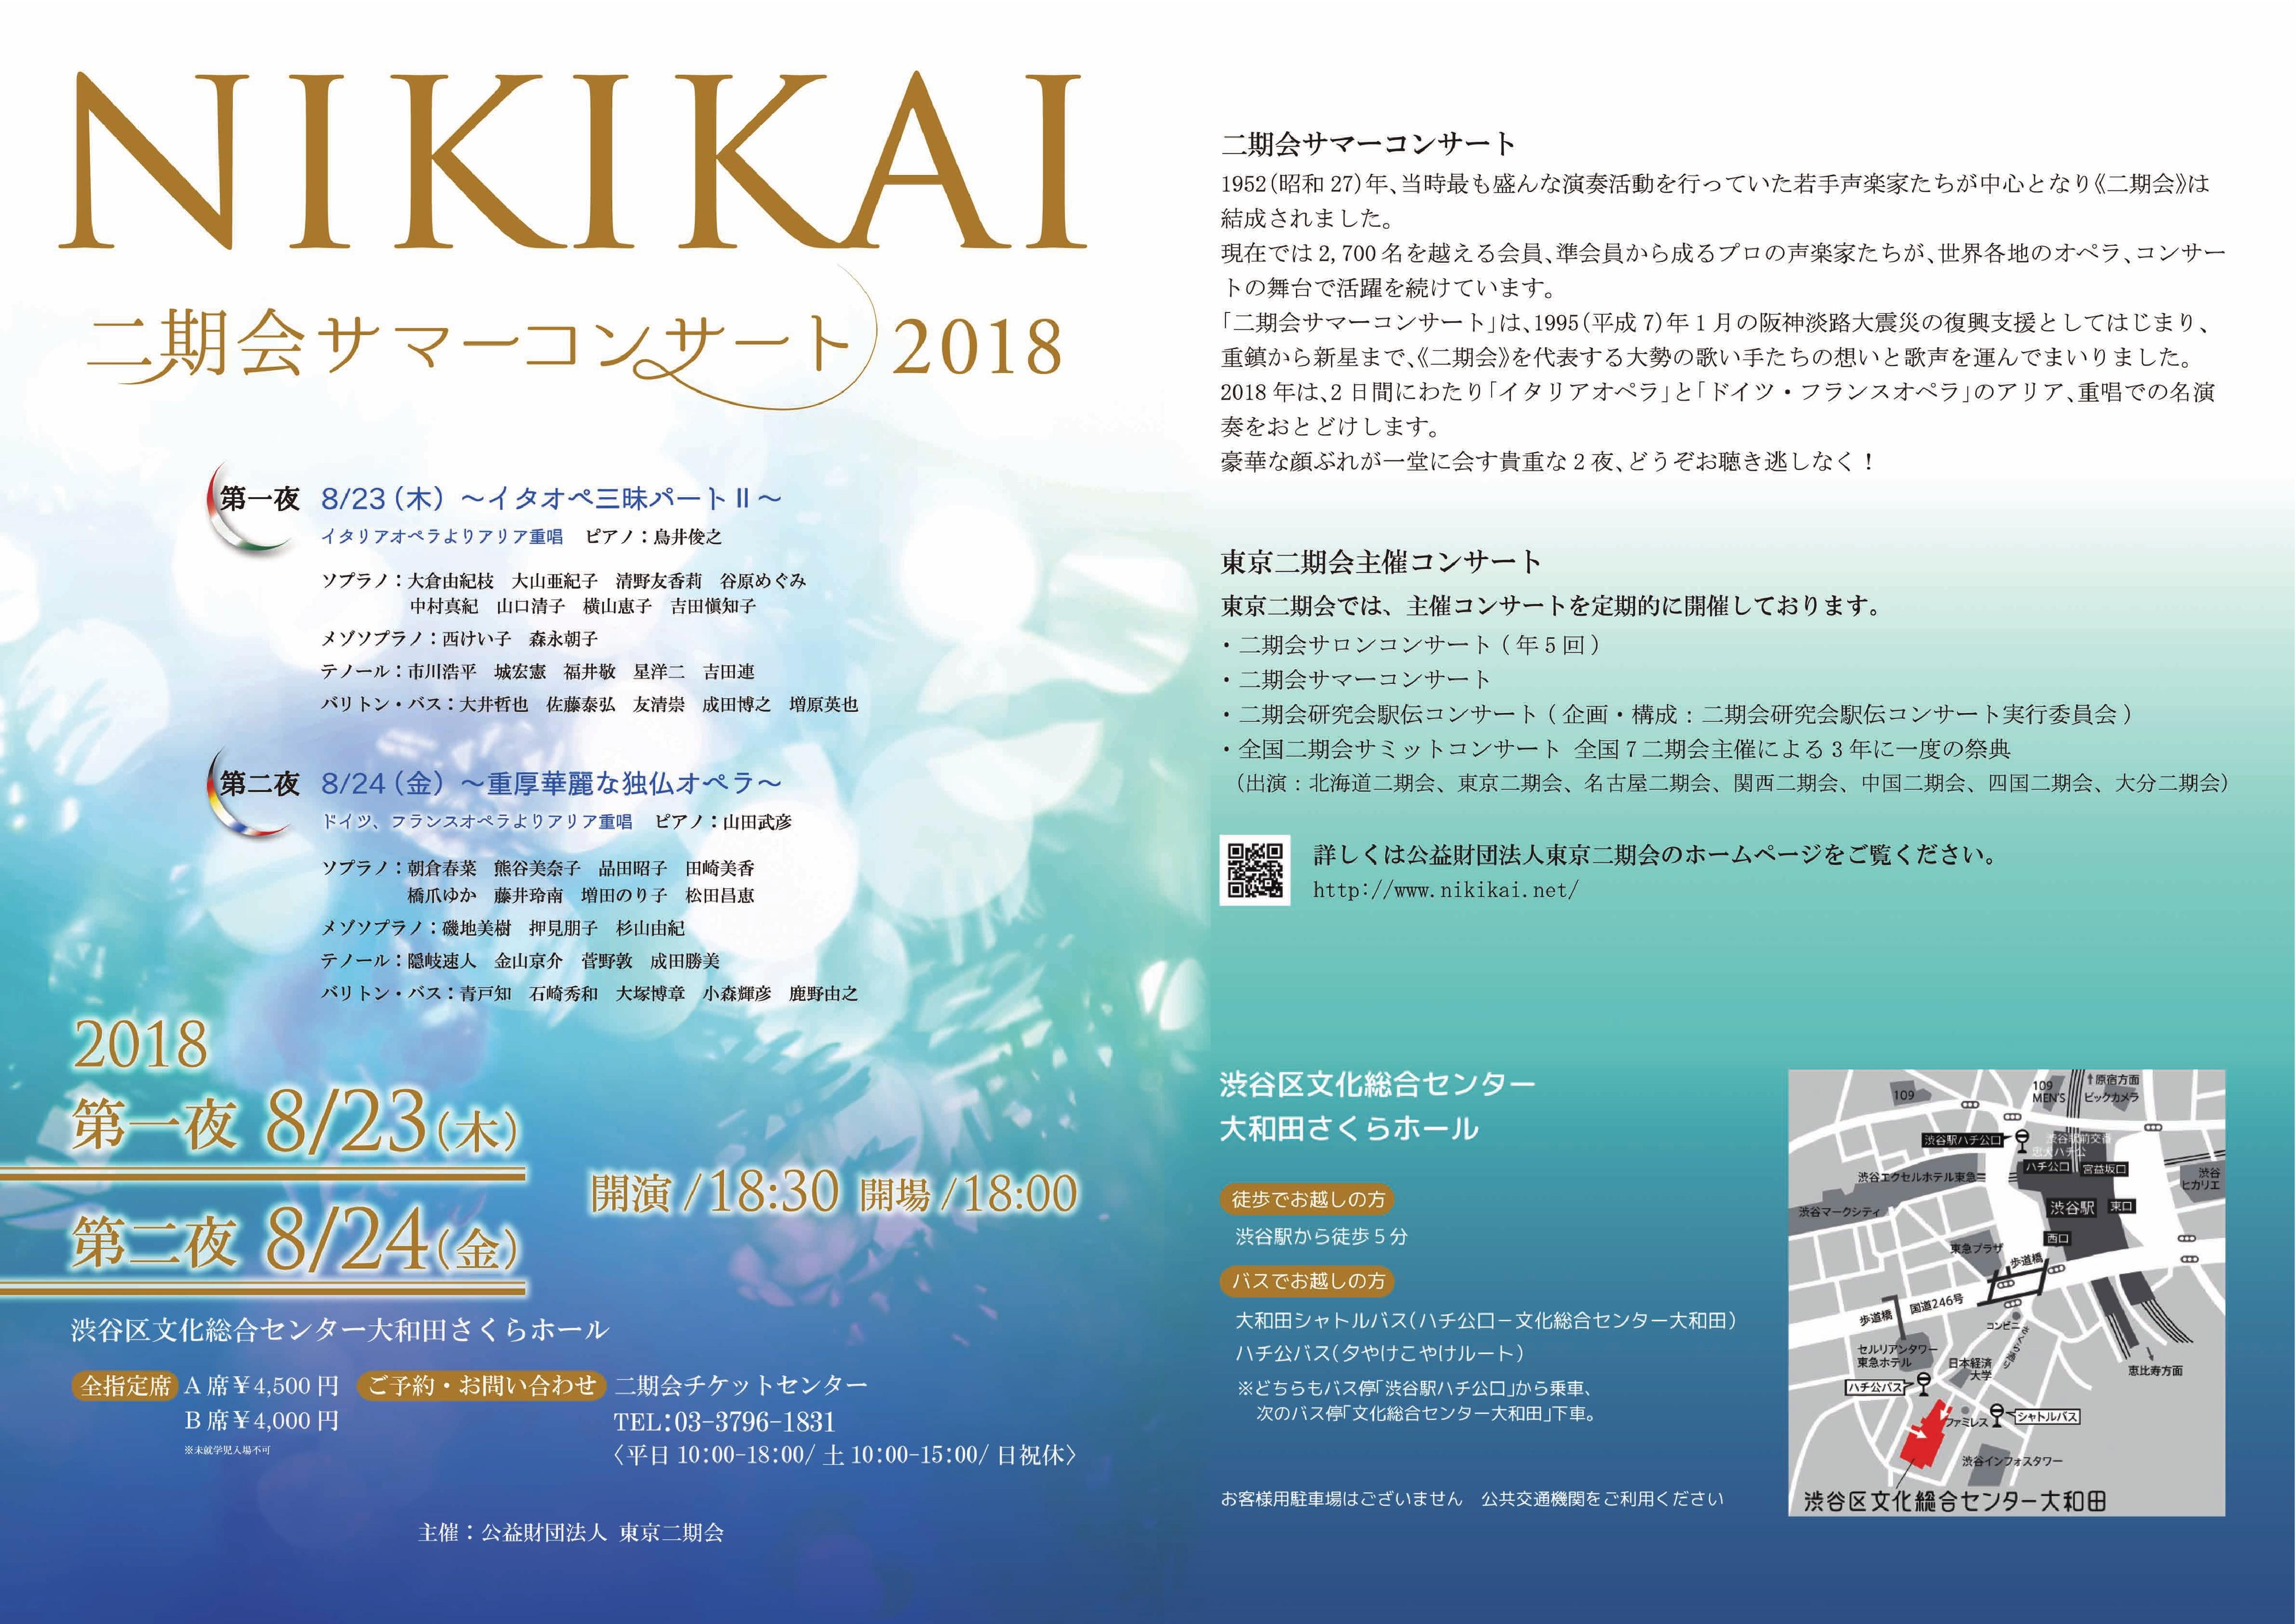 2018年8月23日(木) NIKIKAI 二期会サマーコンサート2018